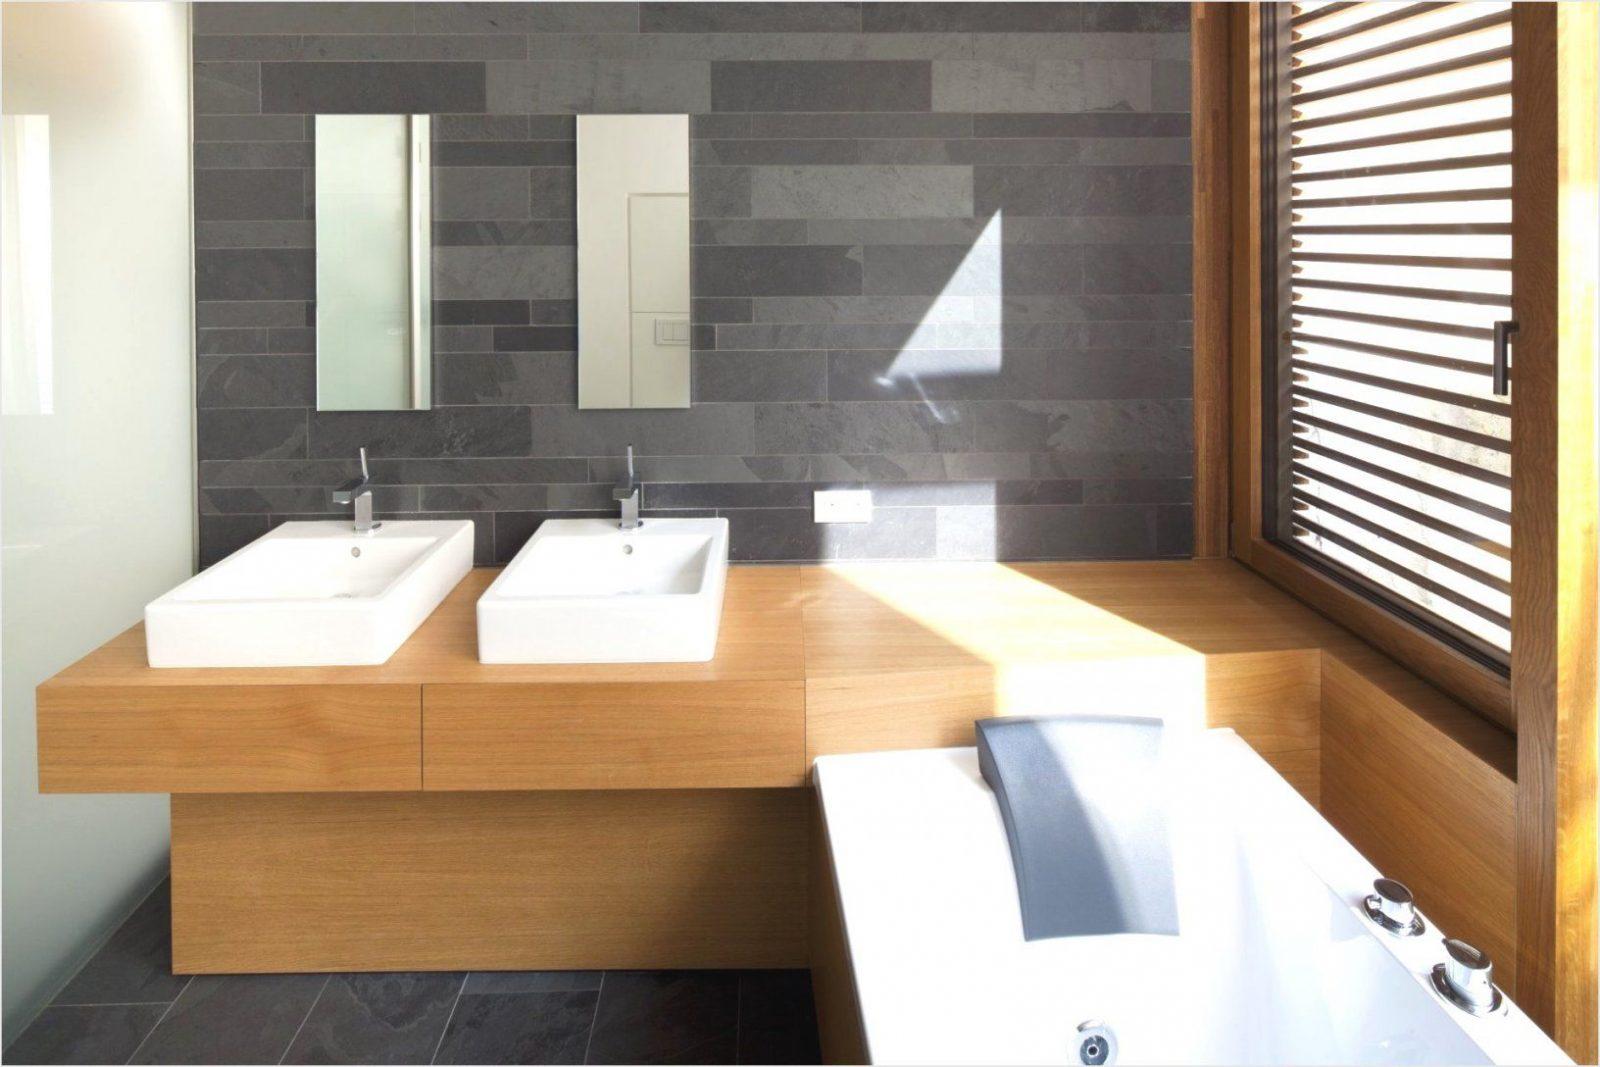 Fabelhafte Badezimmer Anthrazit Holz Home Design Bad Aus Holz von Badewanne In Holz Einfassen Bild